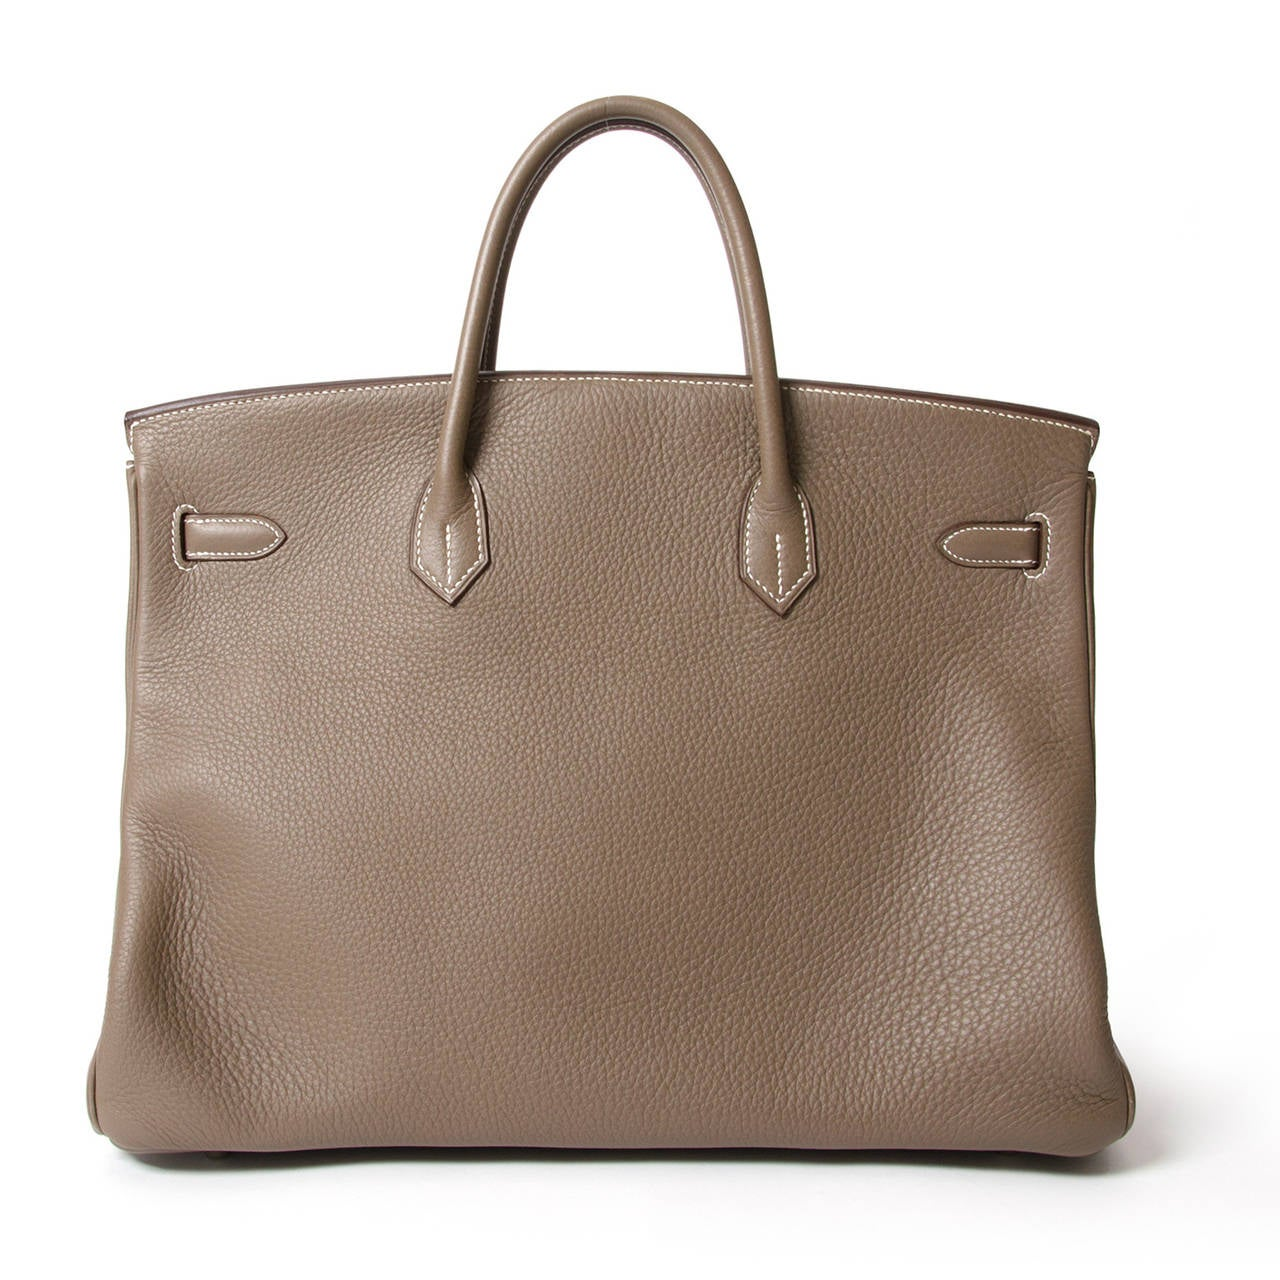 Hermès Birkin Bag 40cm Togo Etoupe Grey PHW 2